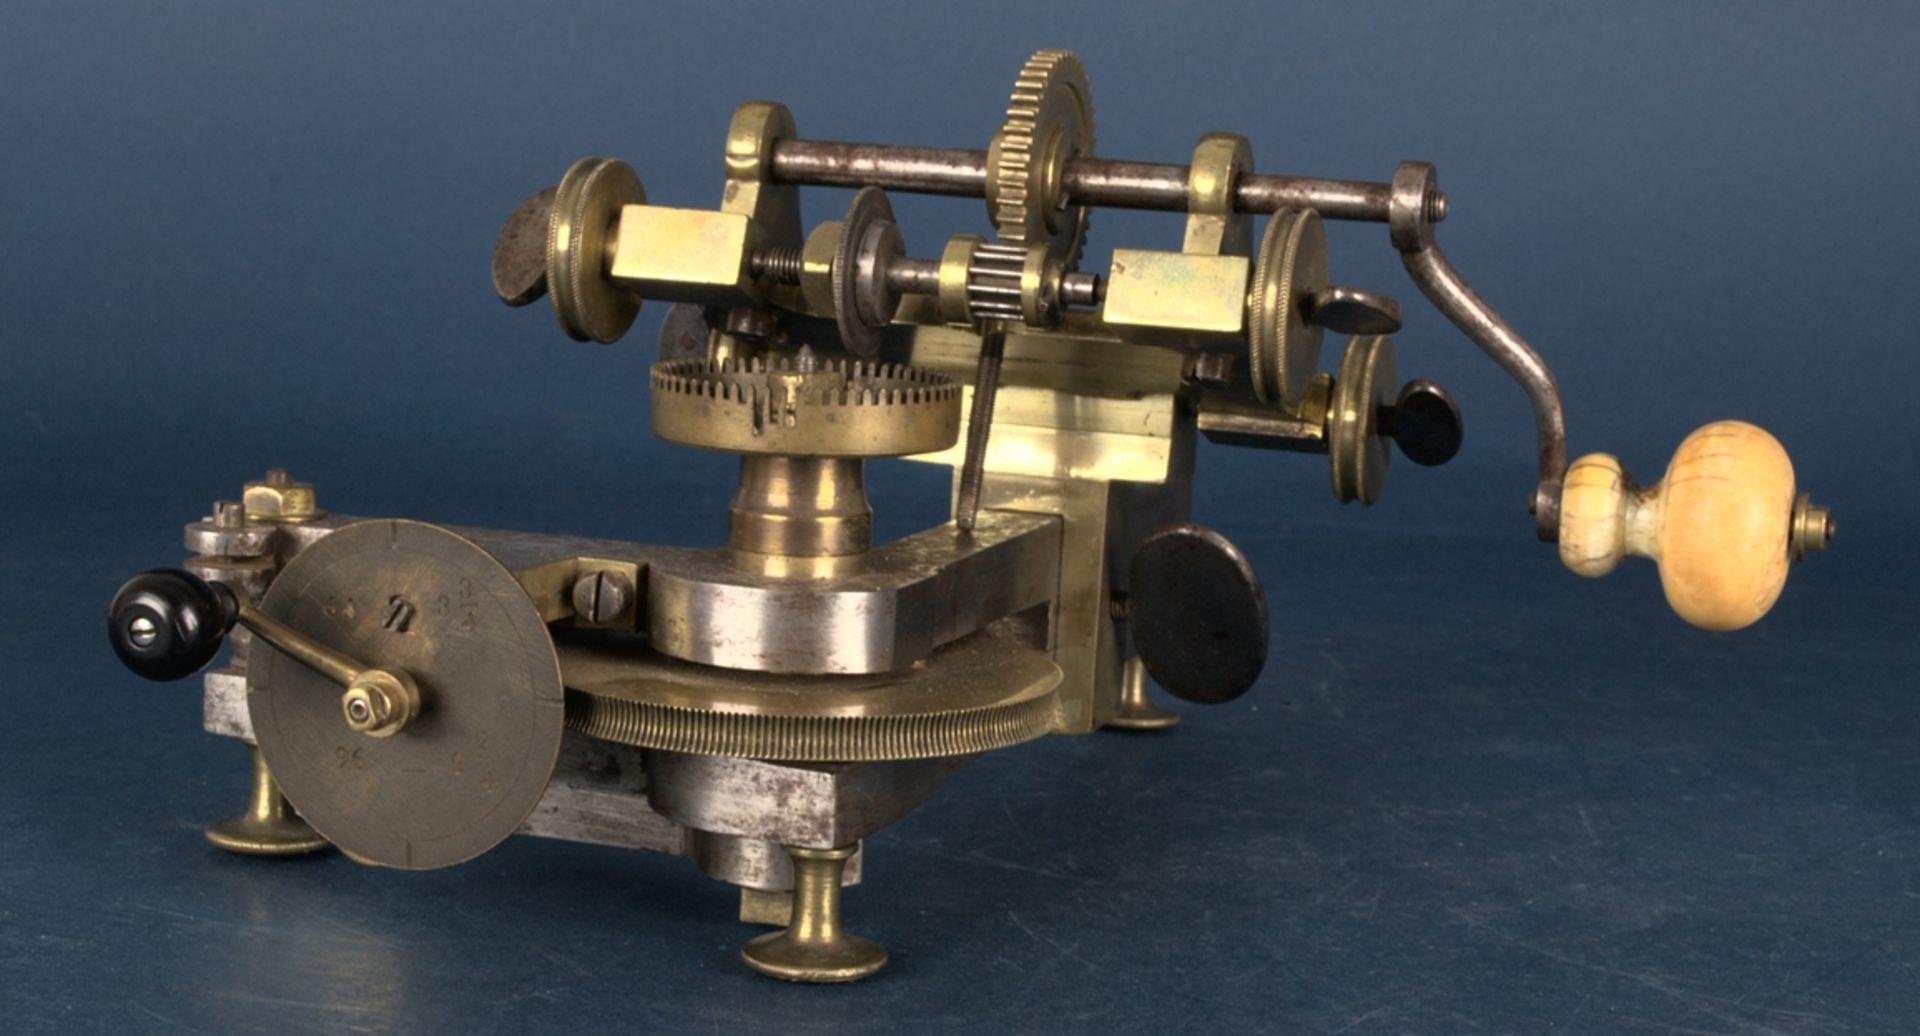 Zahnradfräsmaschine/Zahnräderschneidemaschine, frühes Uhrmacherwerkzeug, deutsch Mitte 18. Jhd., - Bild 14 aus 29